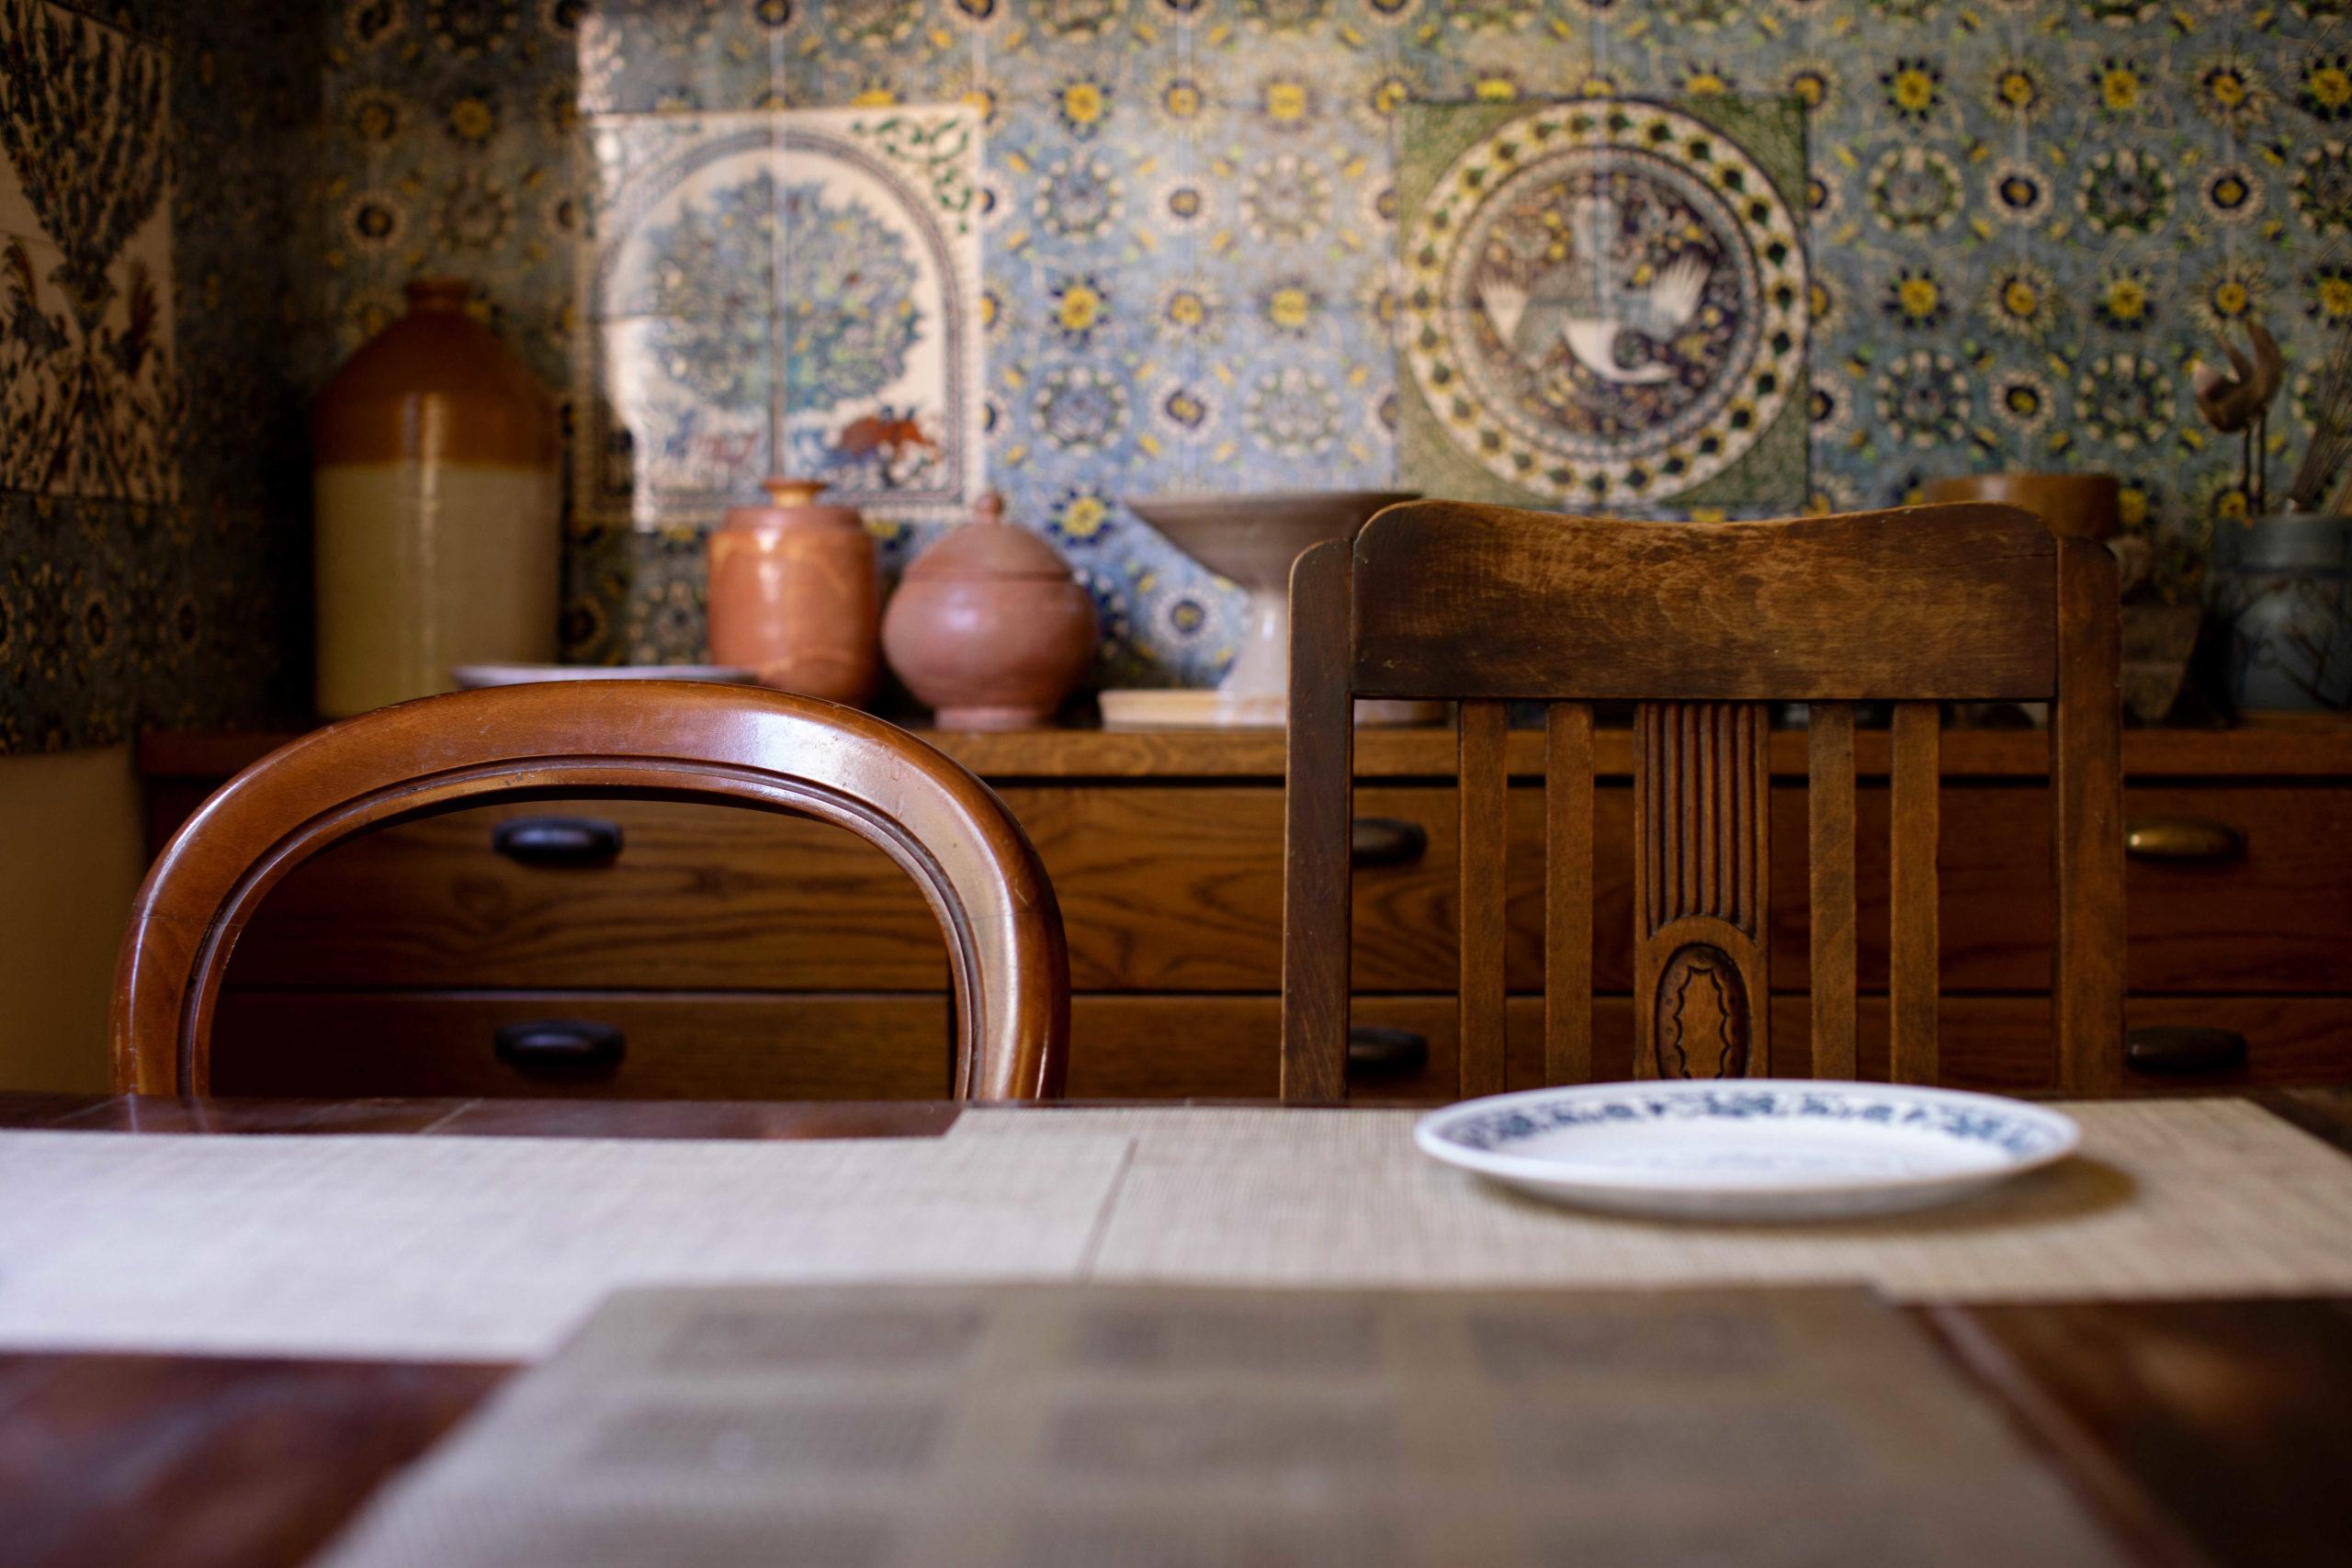 המטבח של נחמה ריבלין